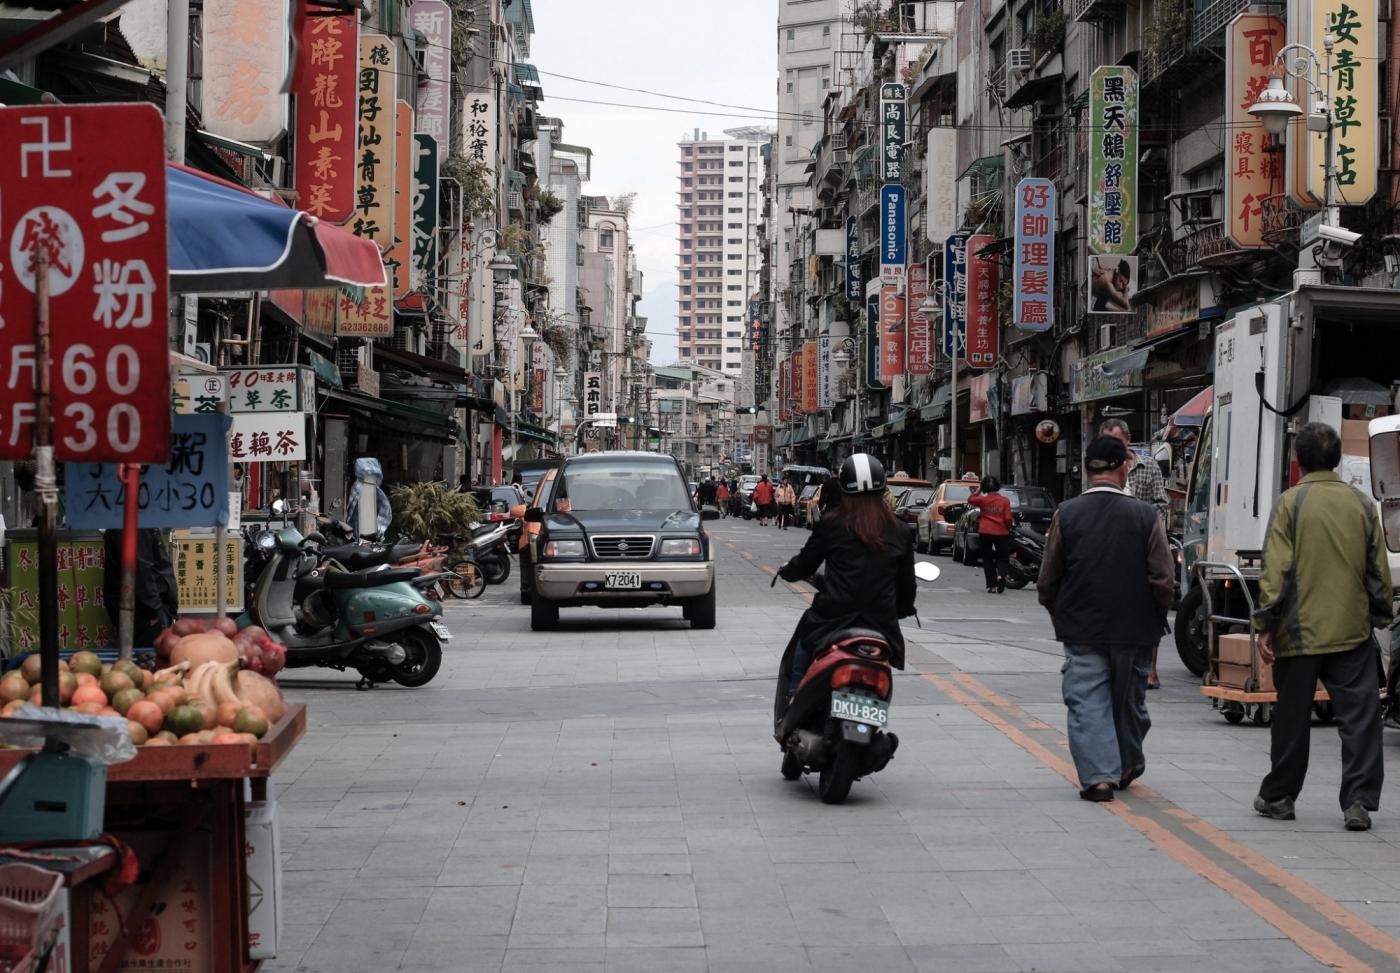 台灣受僱員工人數10月增1萬,這一行業薪資、人數雙漲!